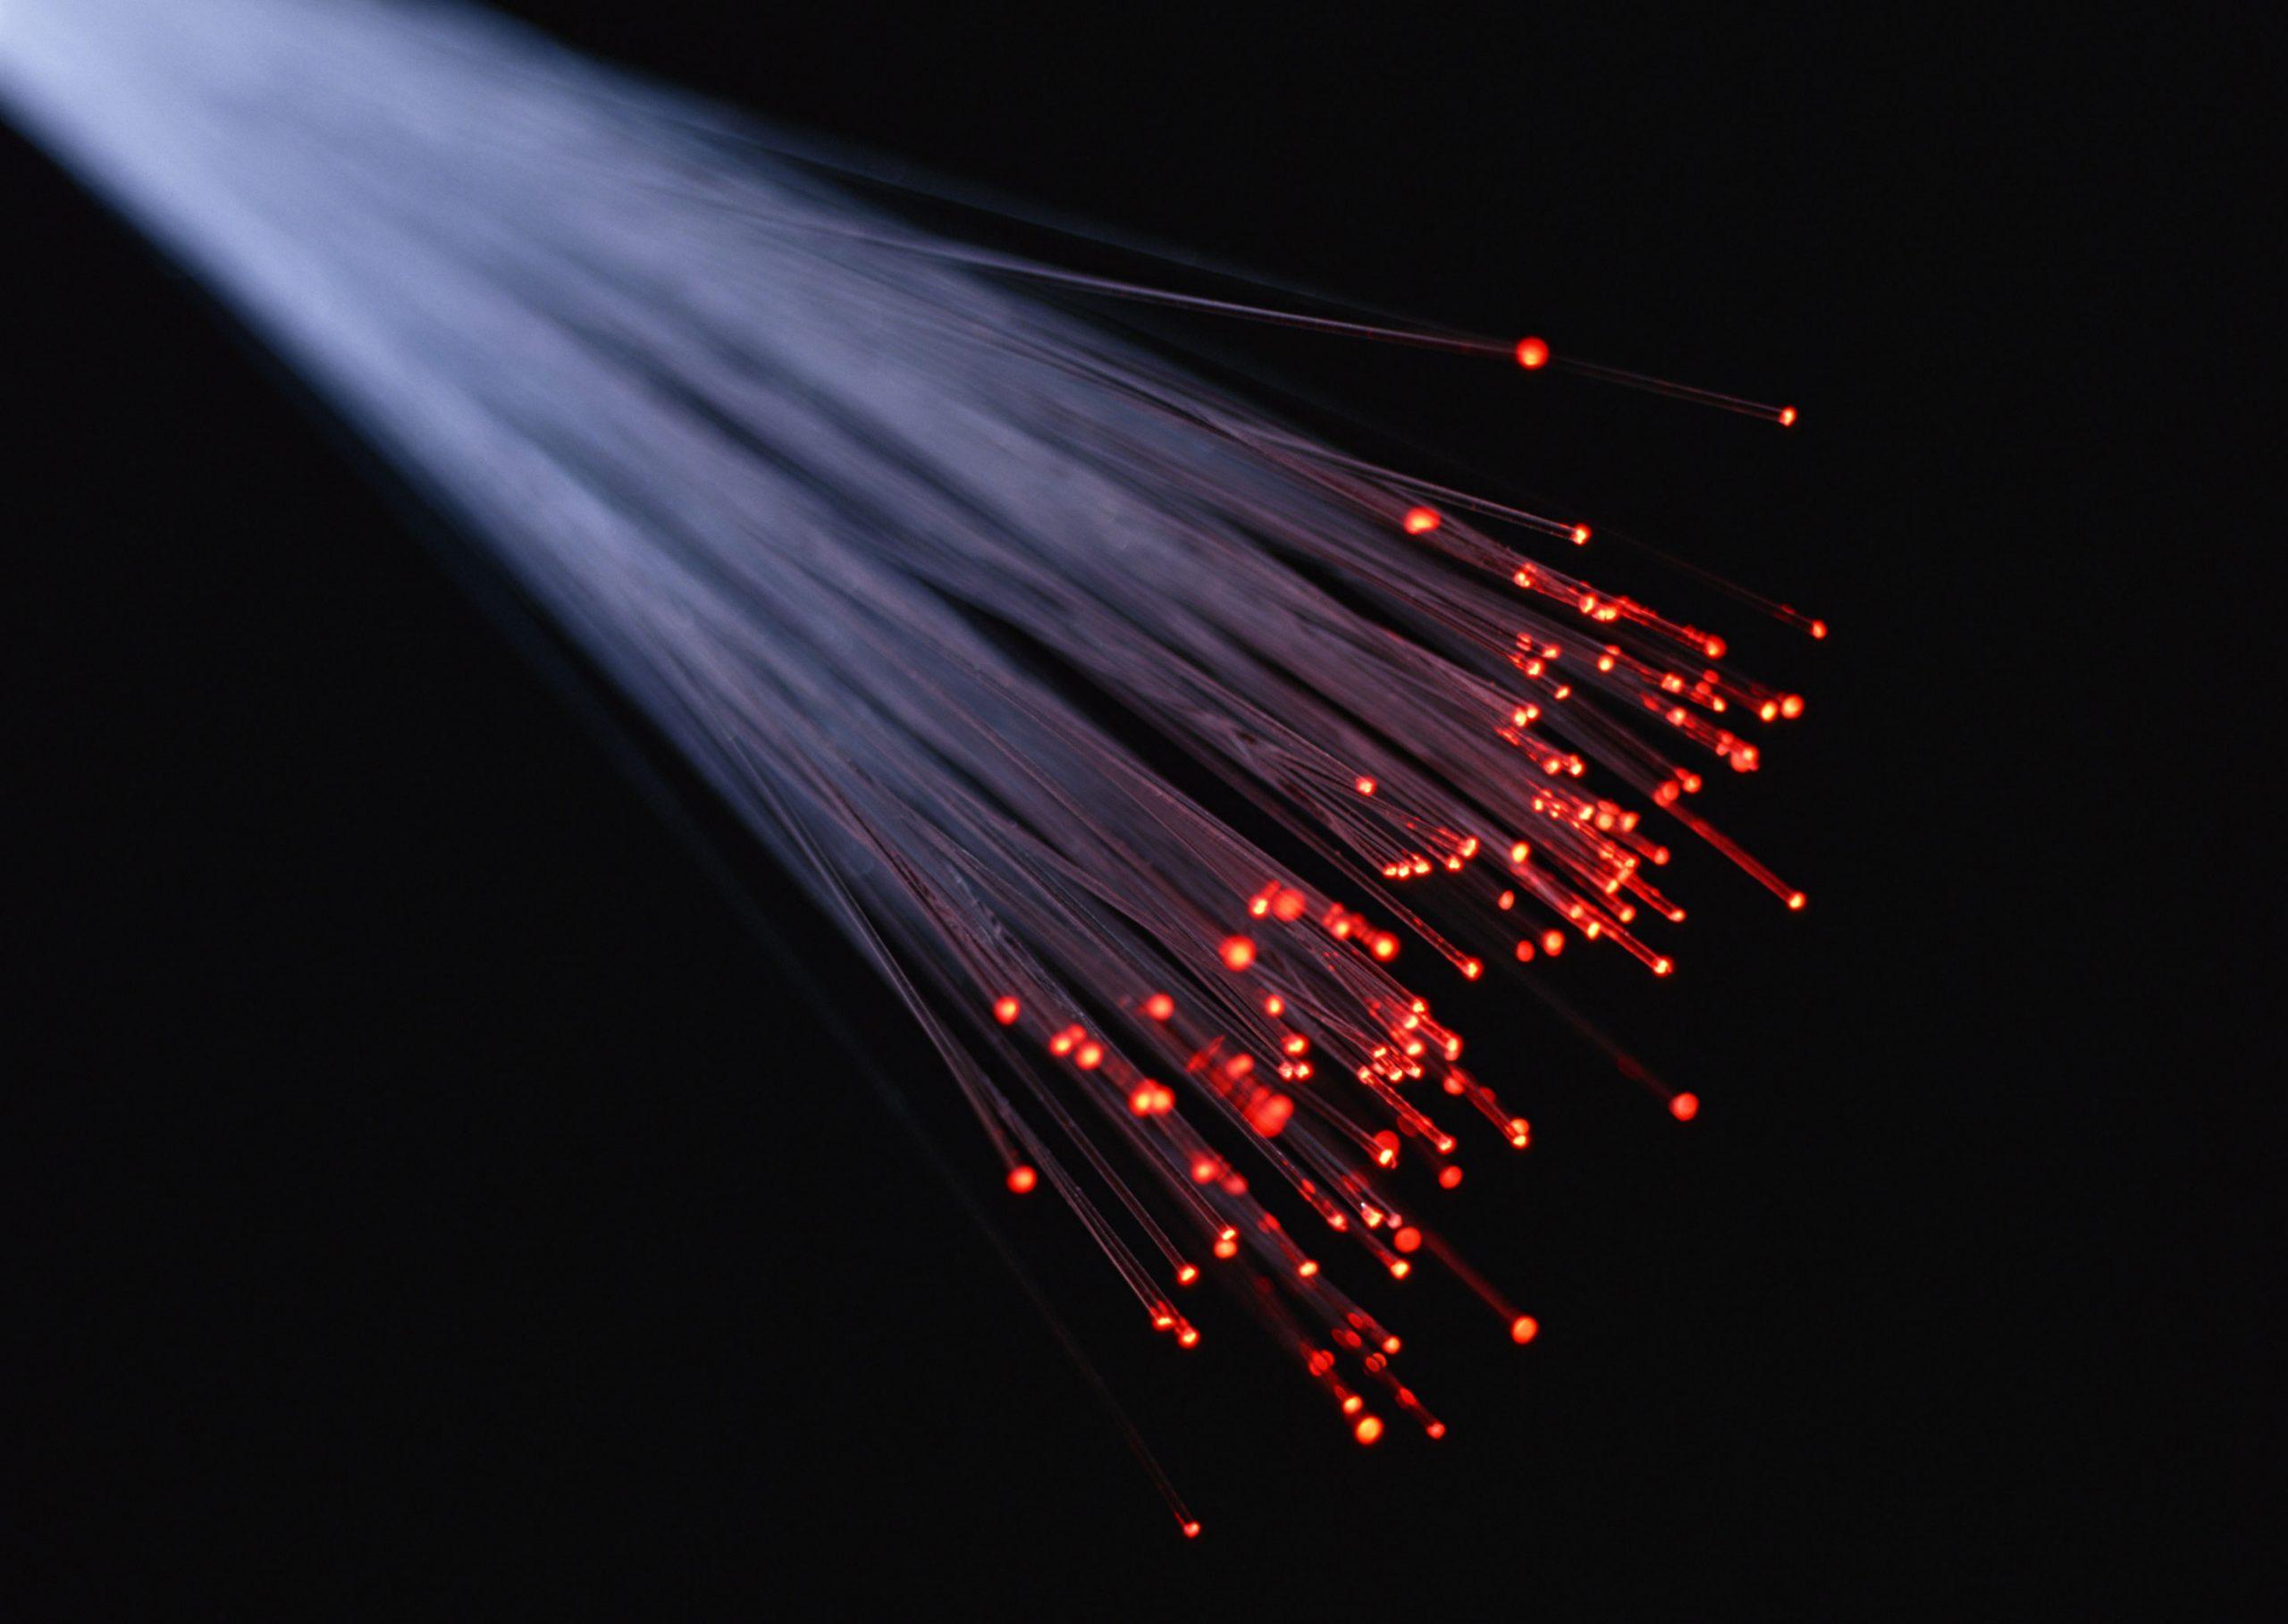 Fiber optics closeup